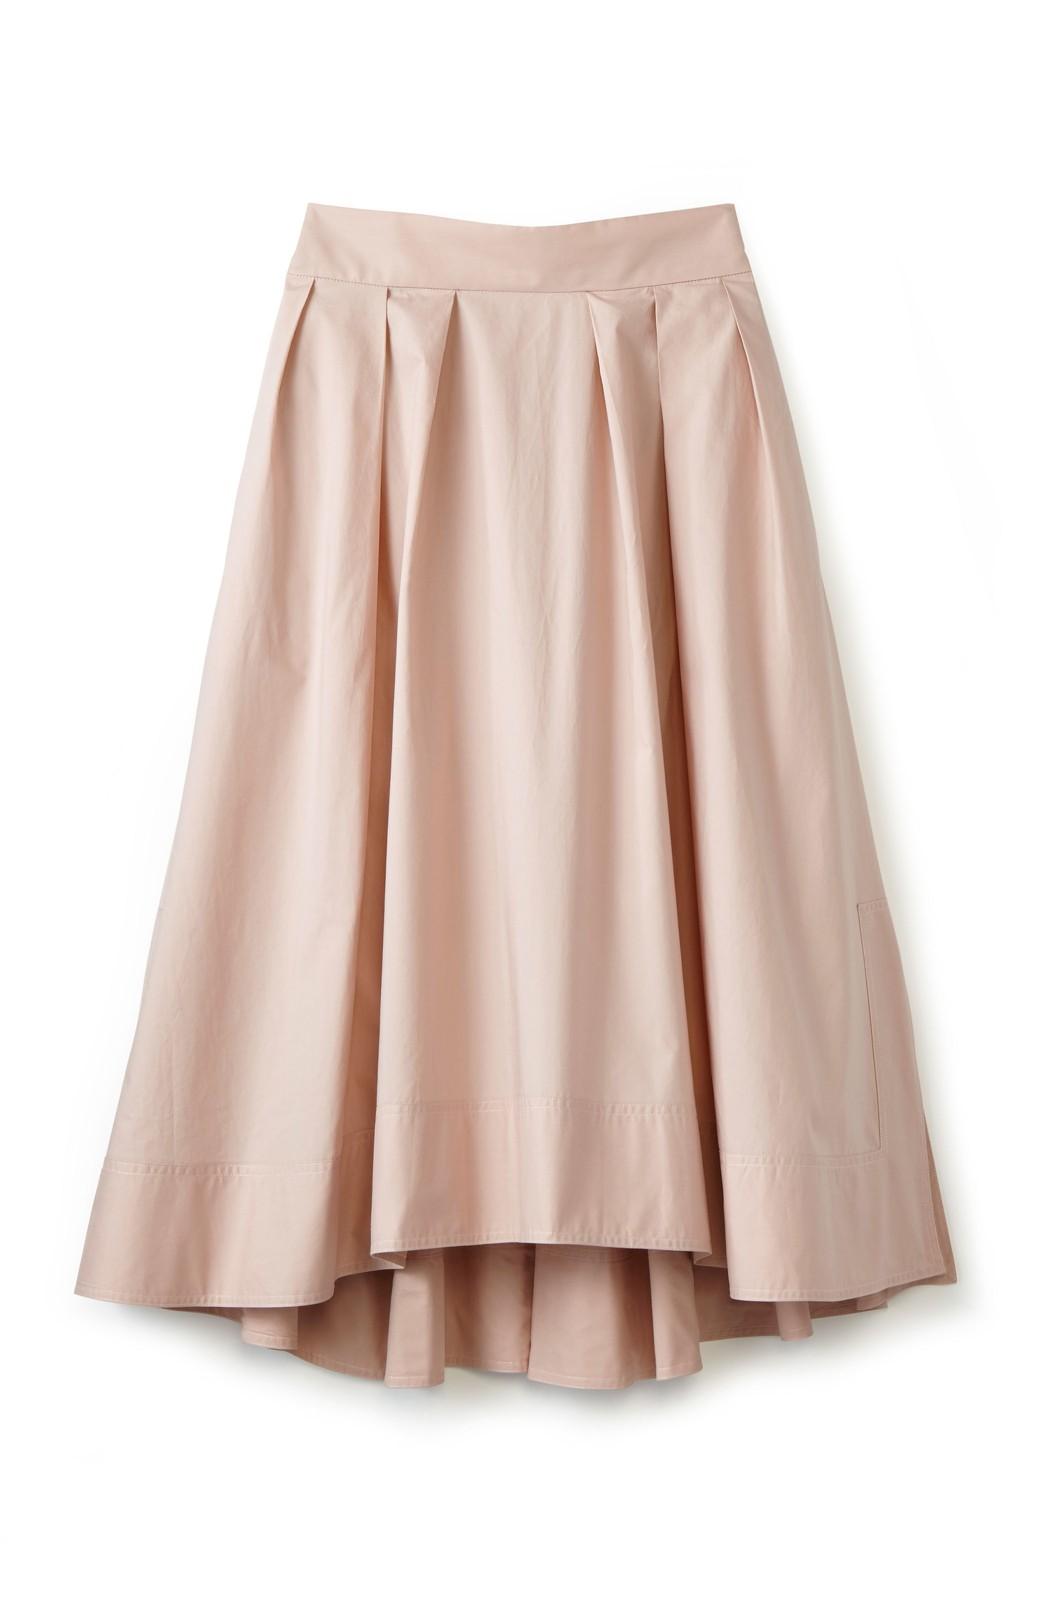 エムトロワ きれい色のイレギュラーヘムスカート <ピンク>の商品写真1